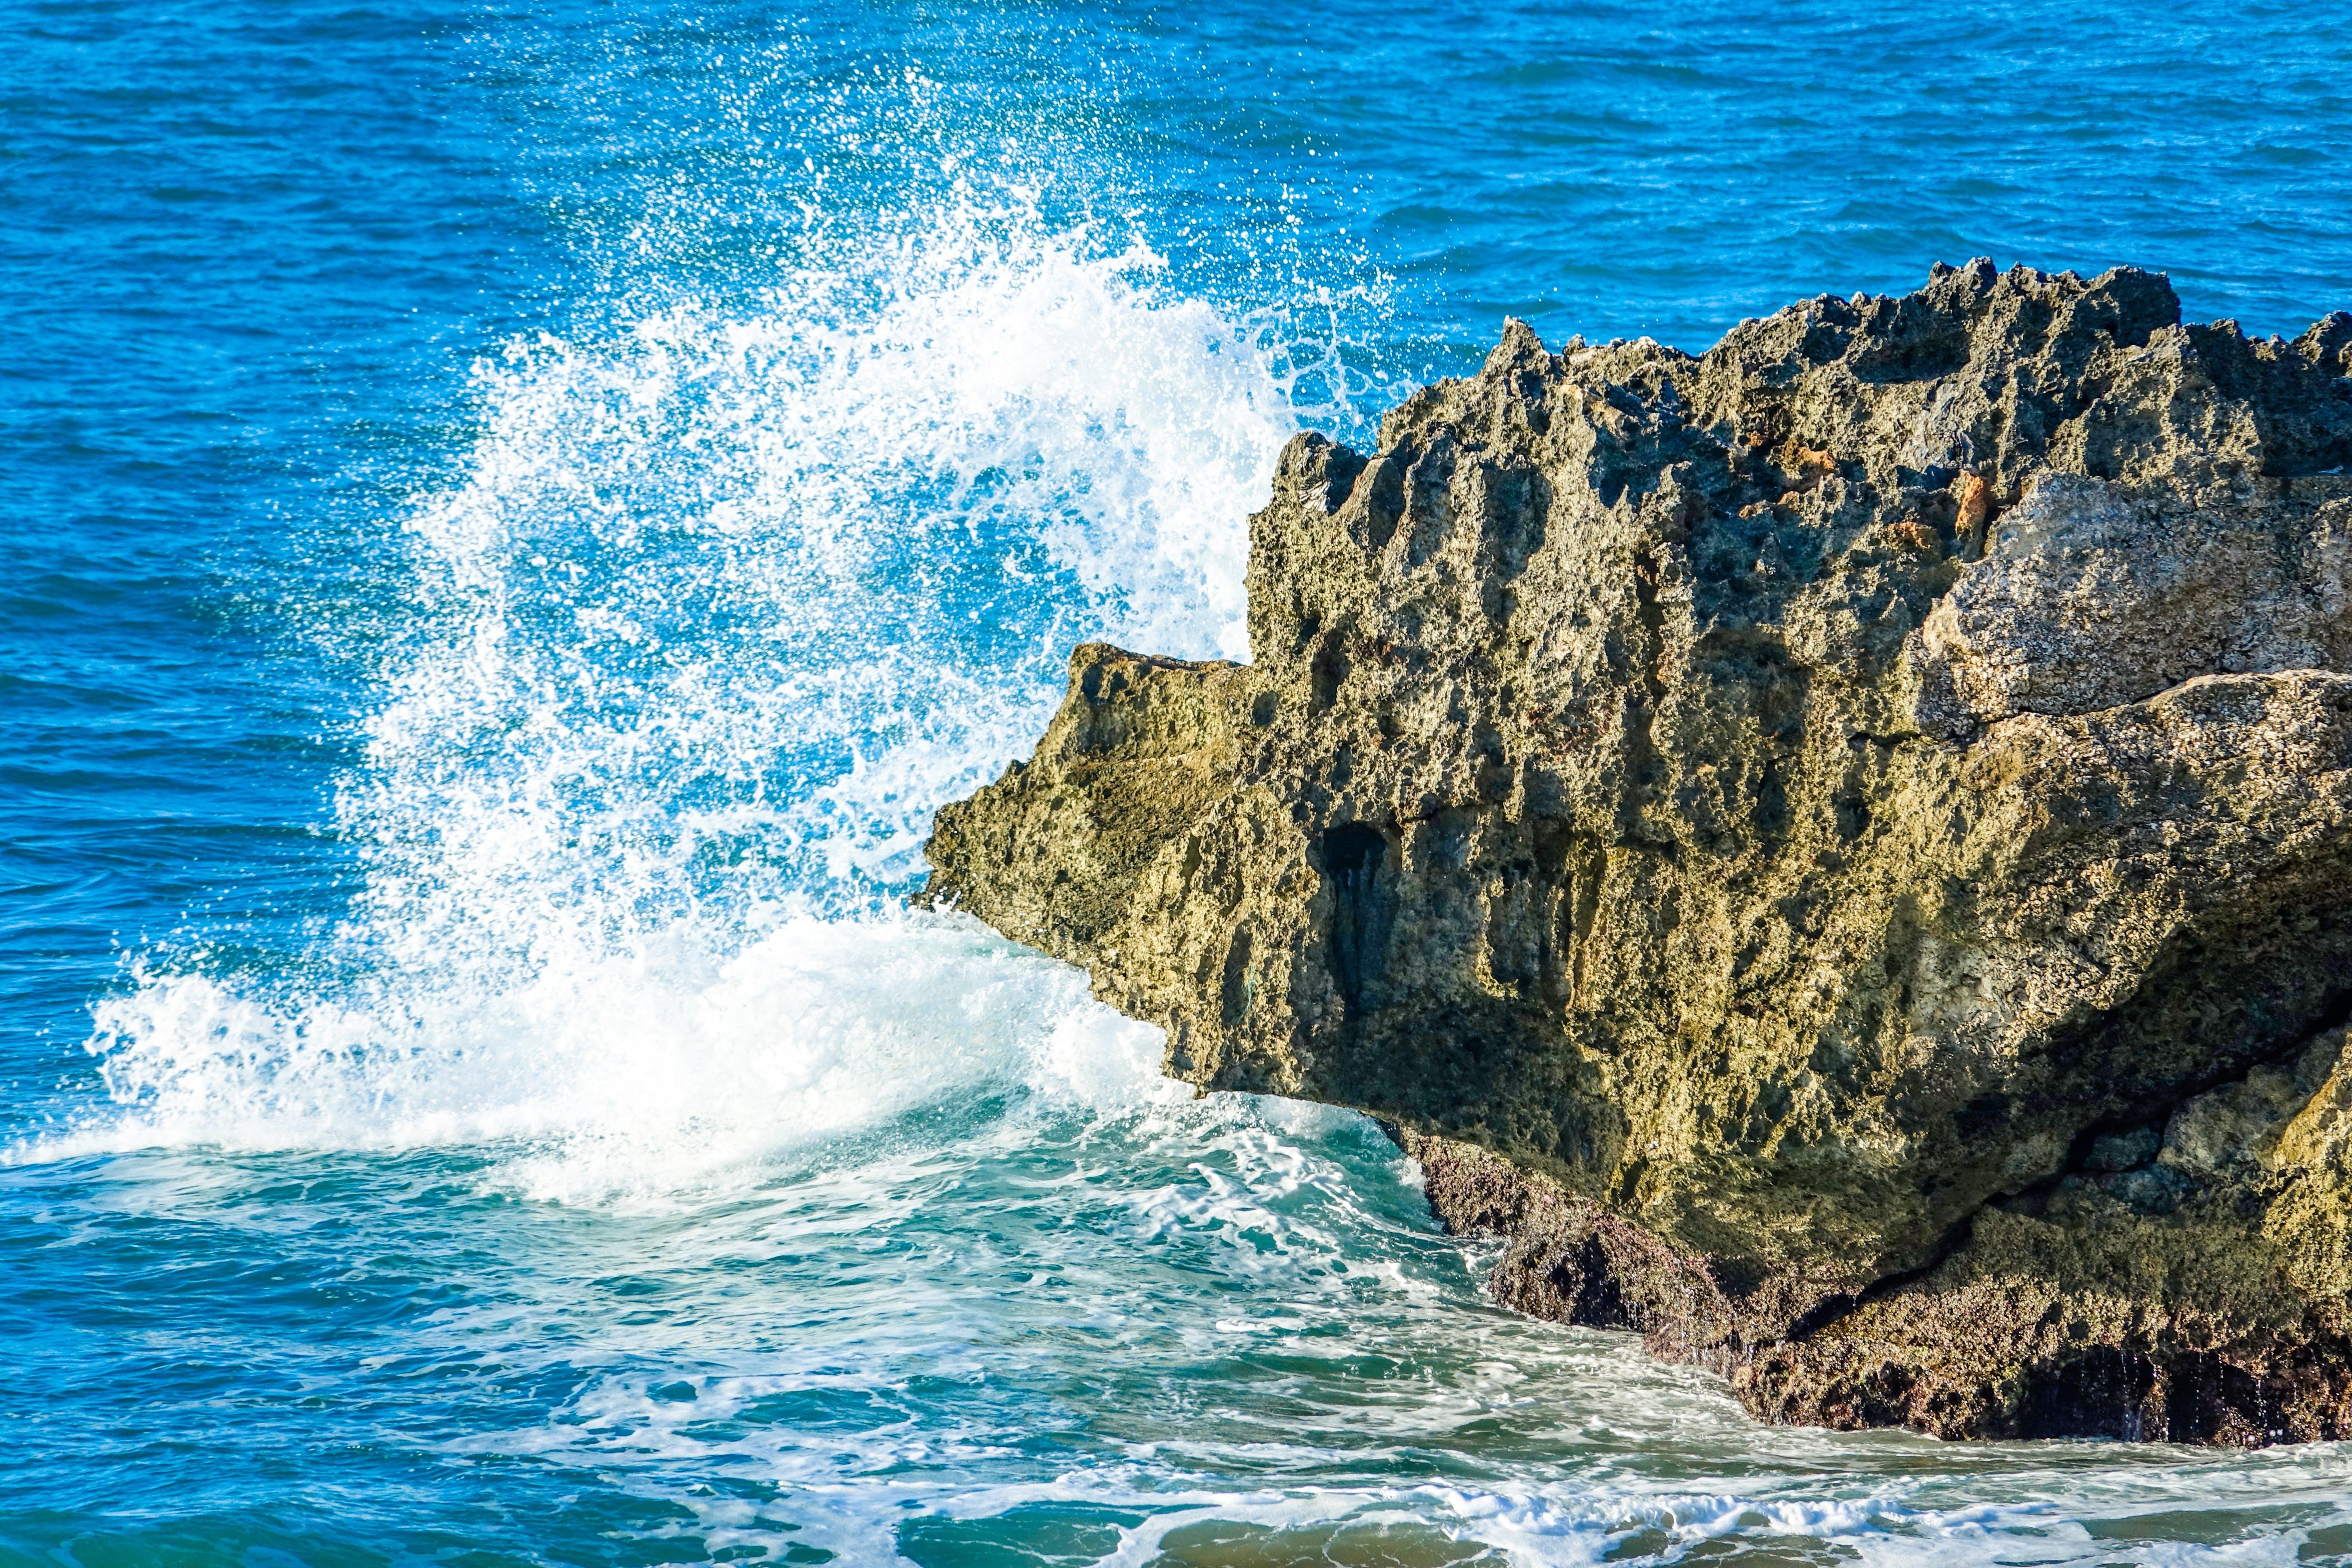 Crashing Waves on Bounder